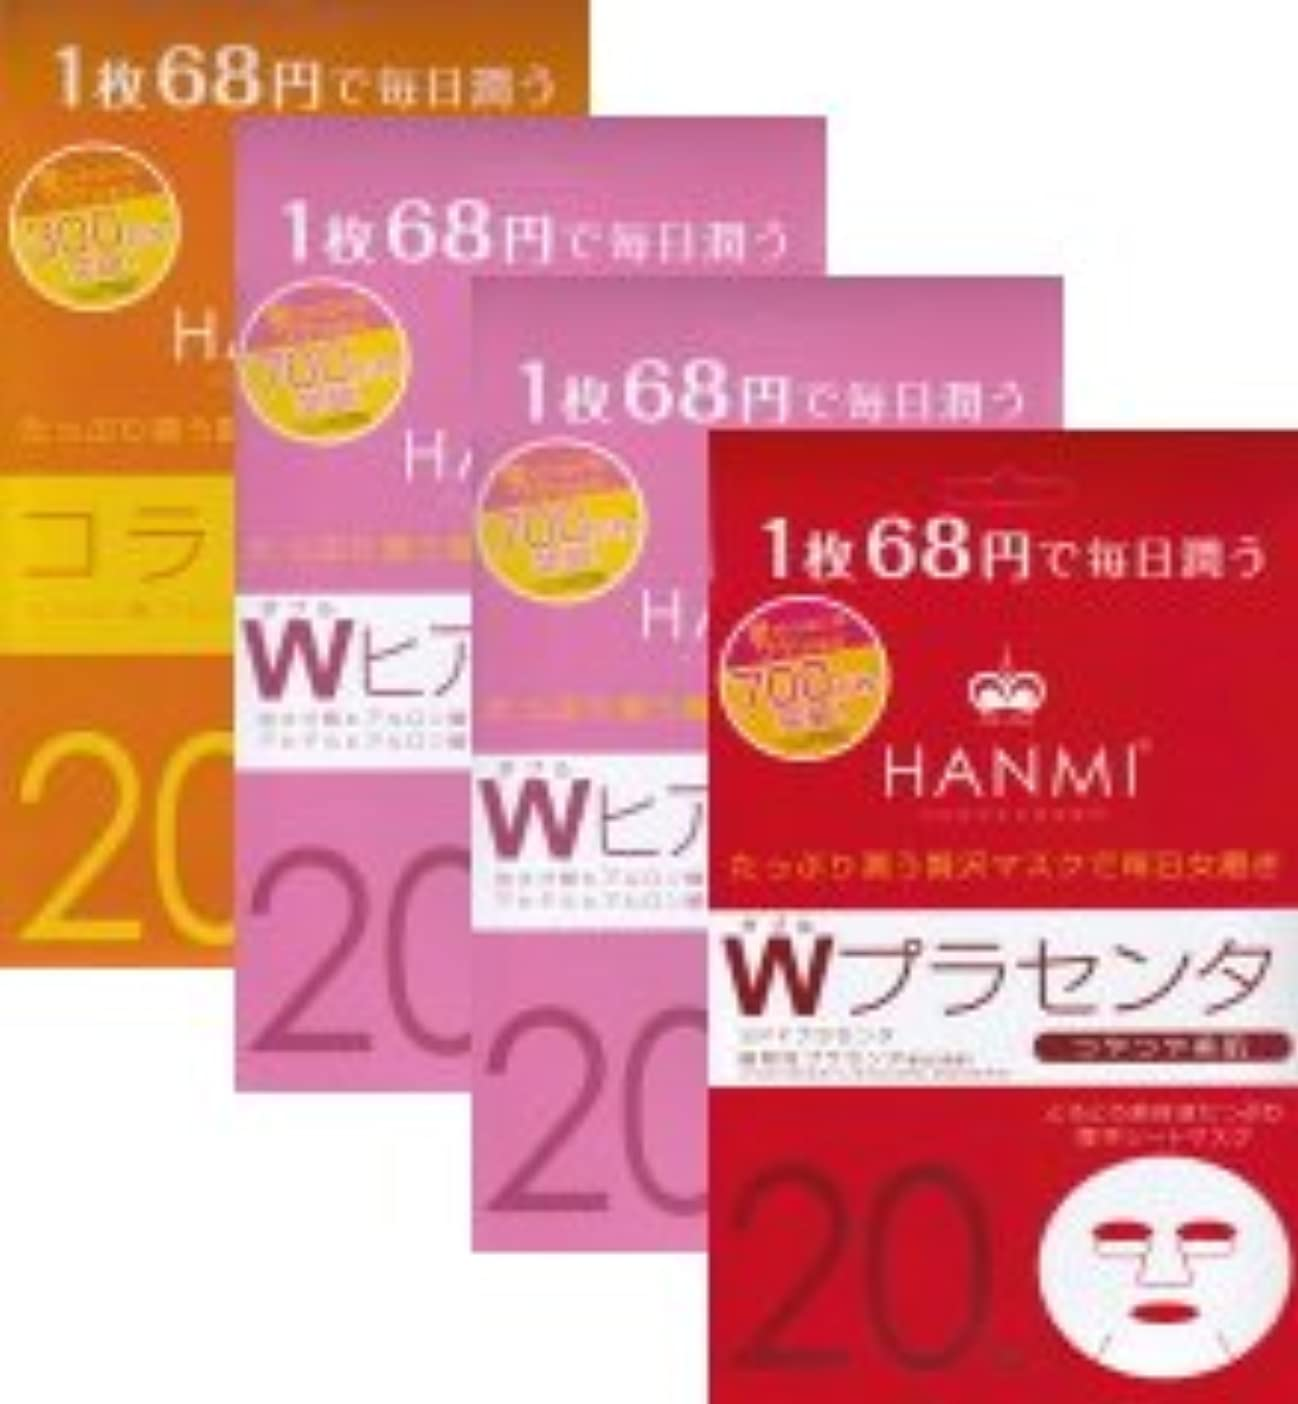 溶かす嘆願中にMIGAKI ハンミフェイスマスク(20枚入り)「コラーゲン×1個」「Wヒアルロン酸×2個」「Wプラセンタ×1個」の4個セット